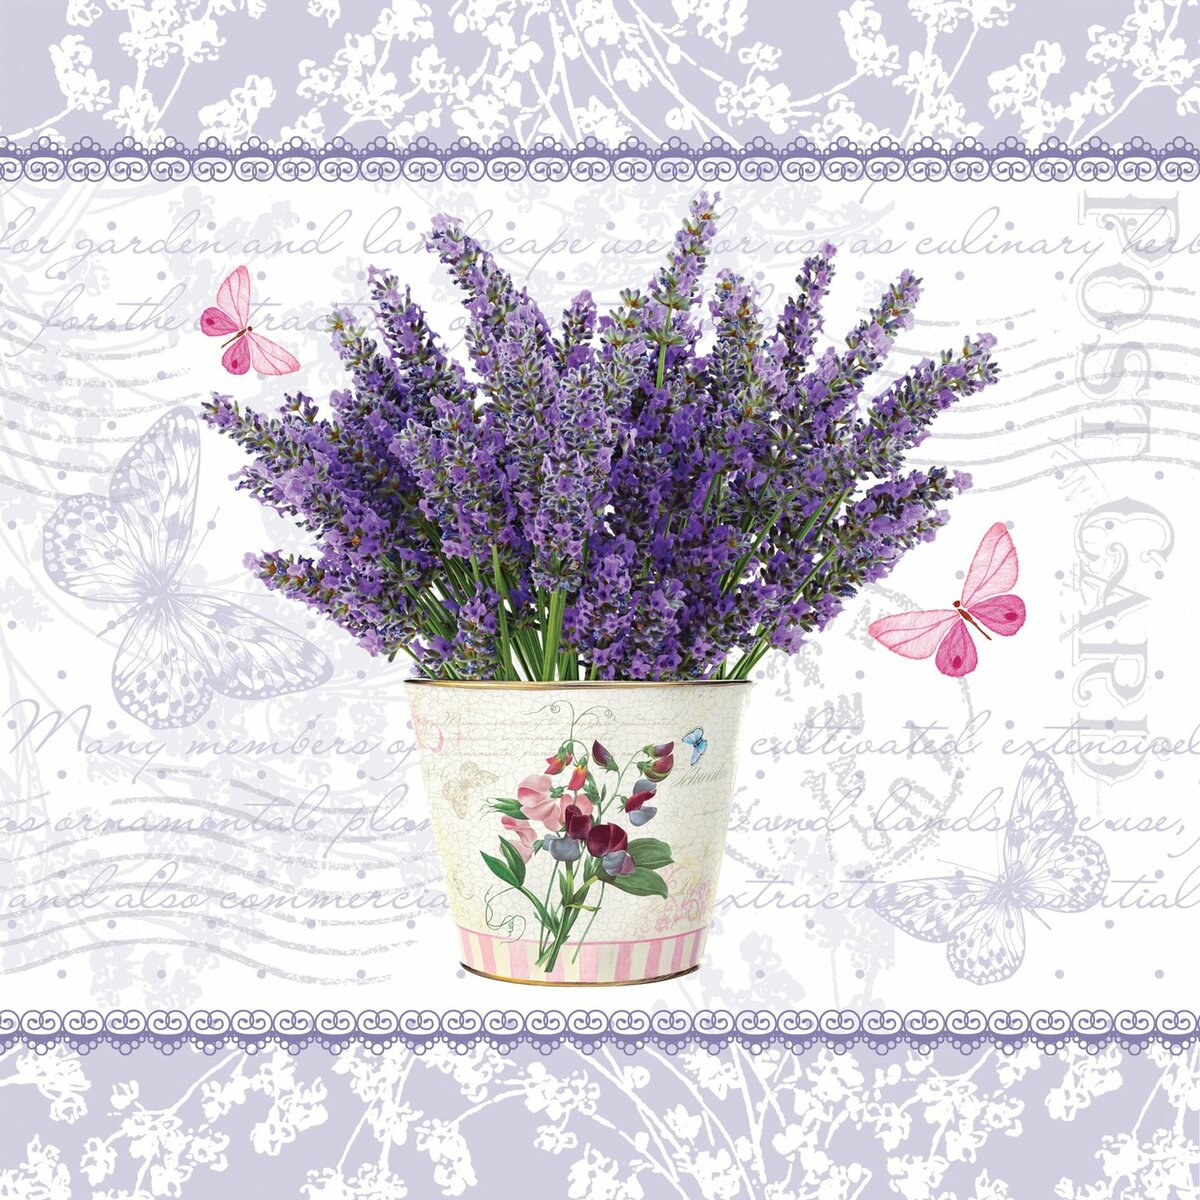 Картинки словом, открытка с днем рождения лаванда картинки